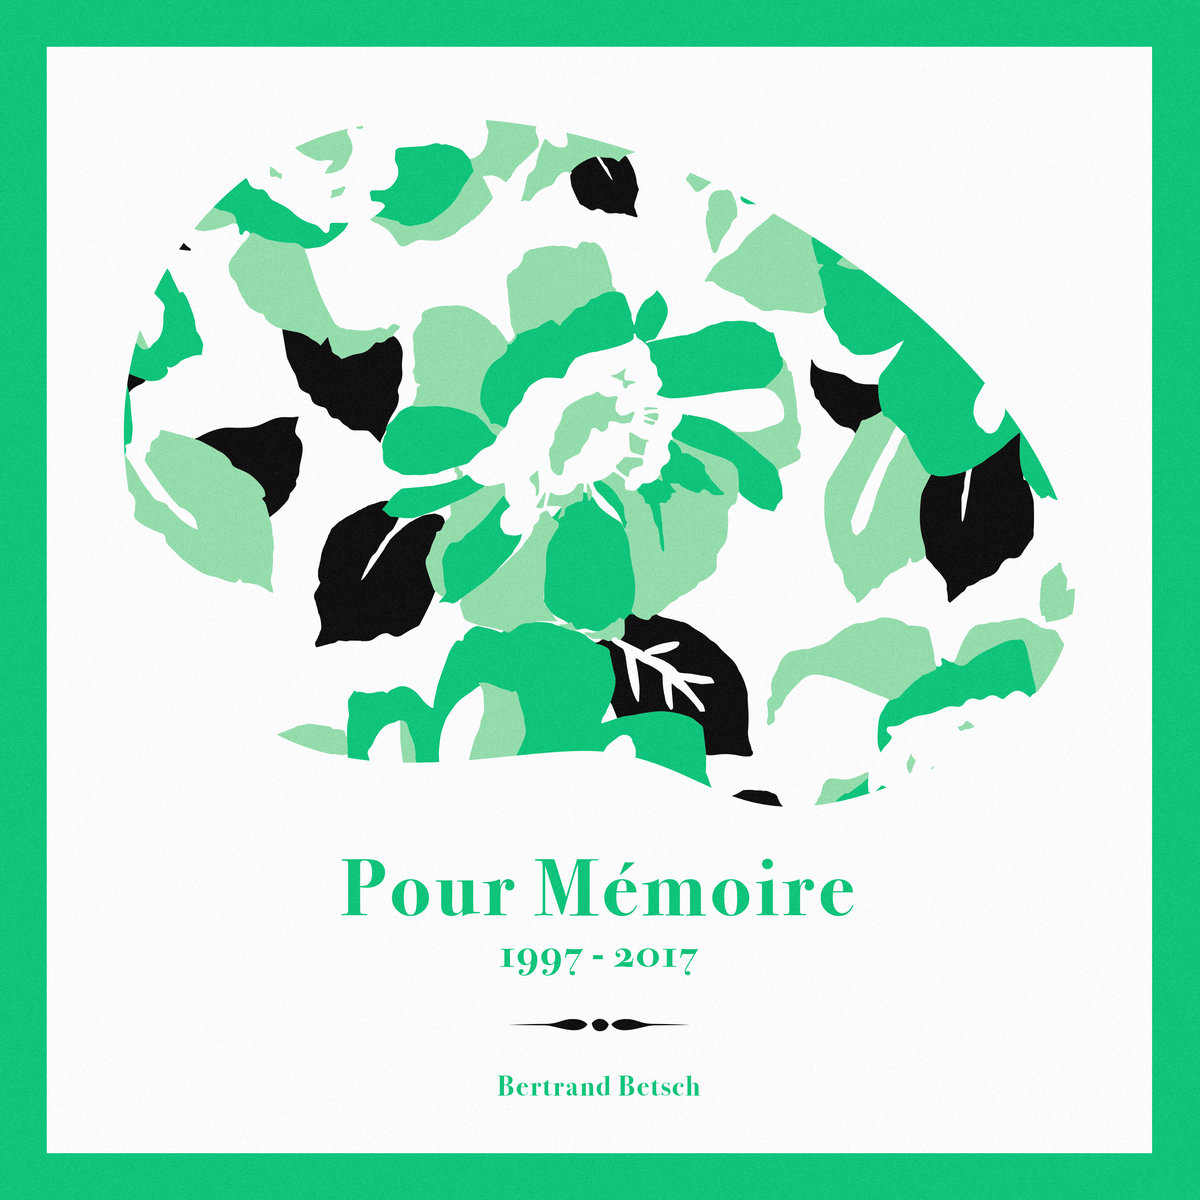 [Entretien] Bertrand Betsch - Pour mémoire